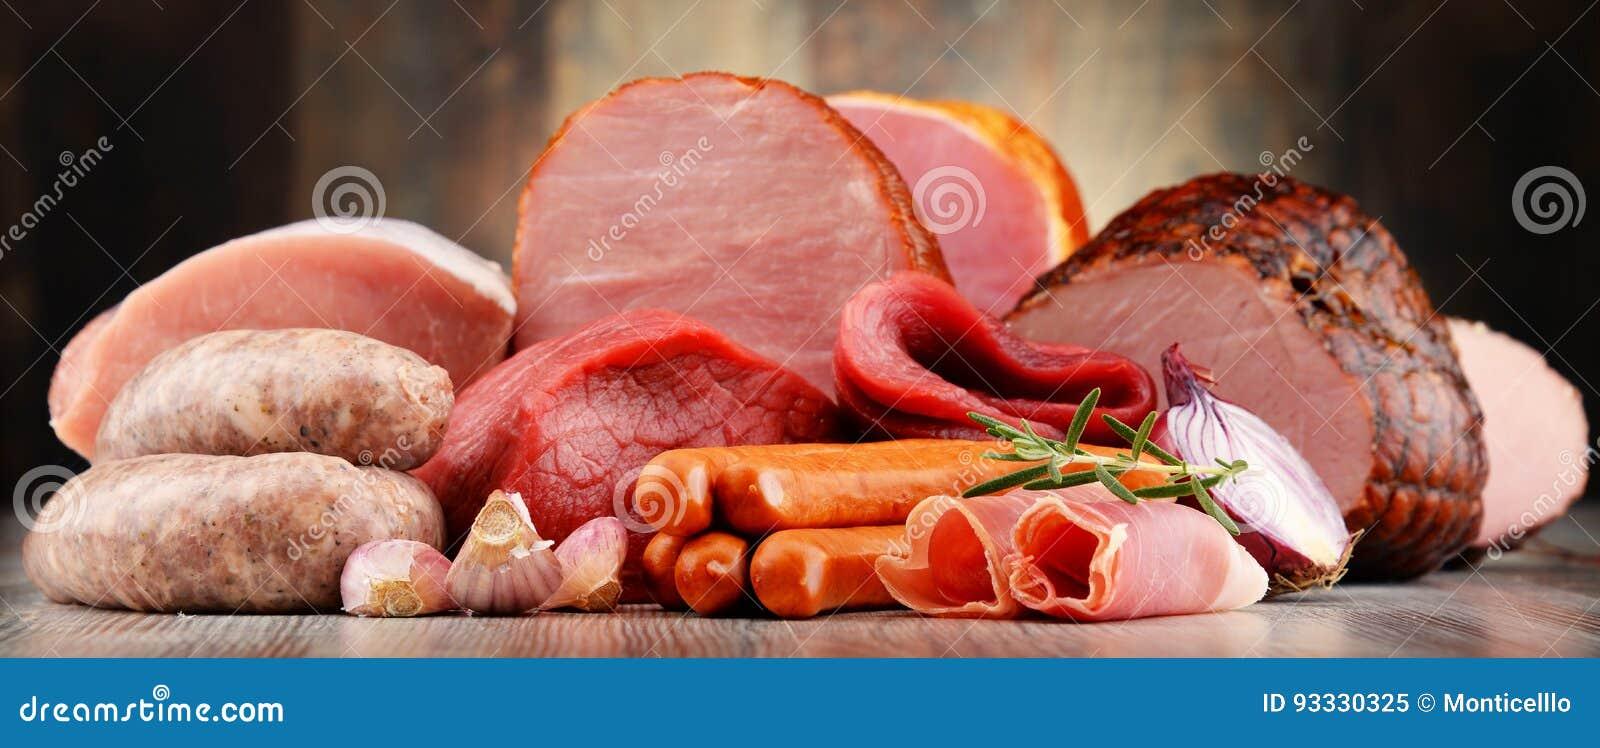 肉制品包括火腿和香肠